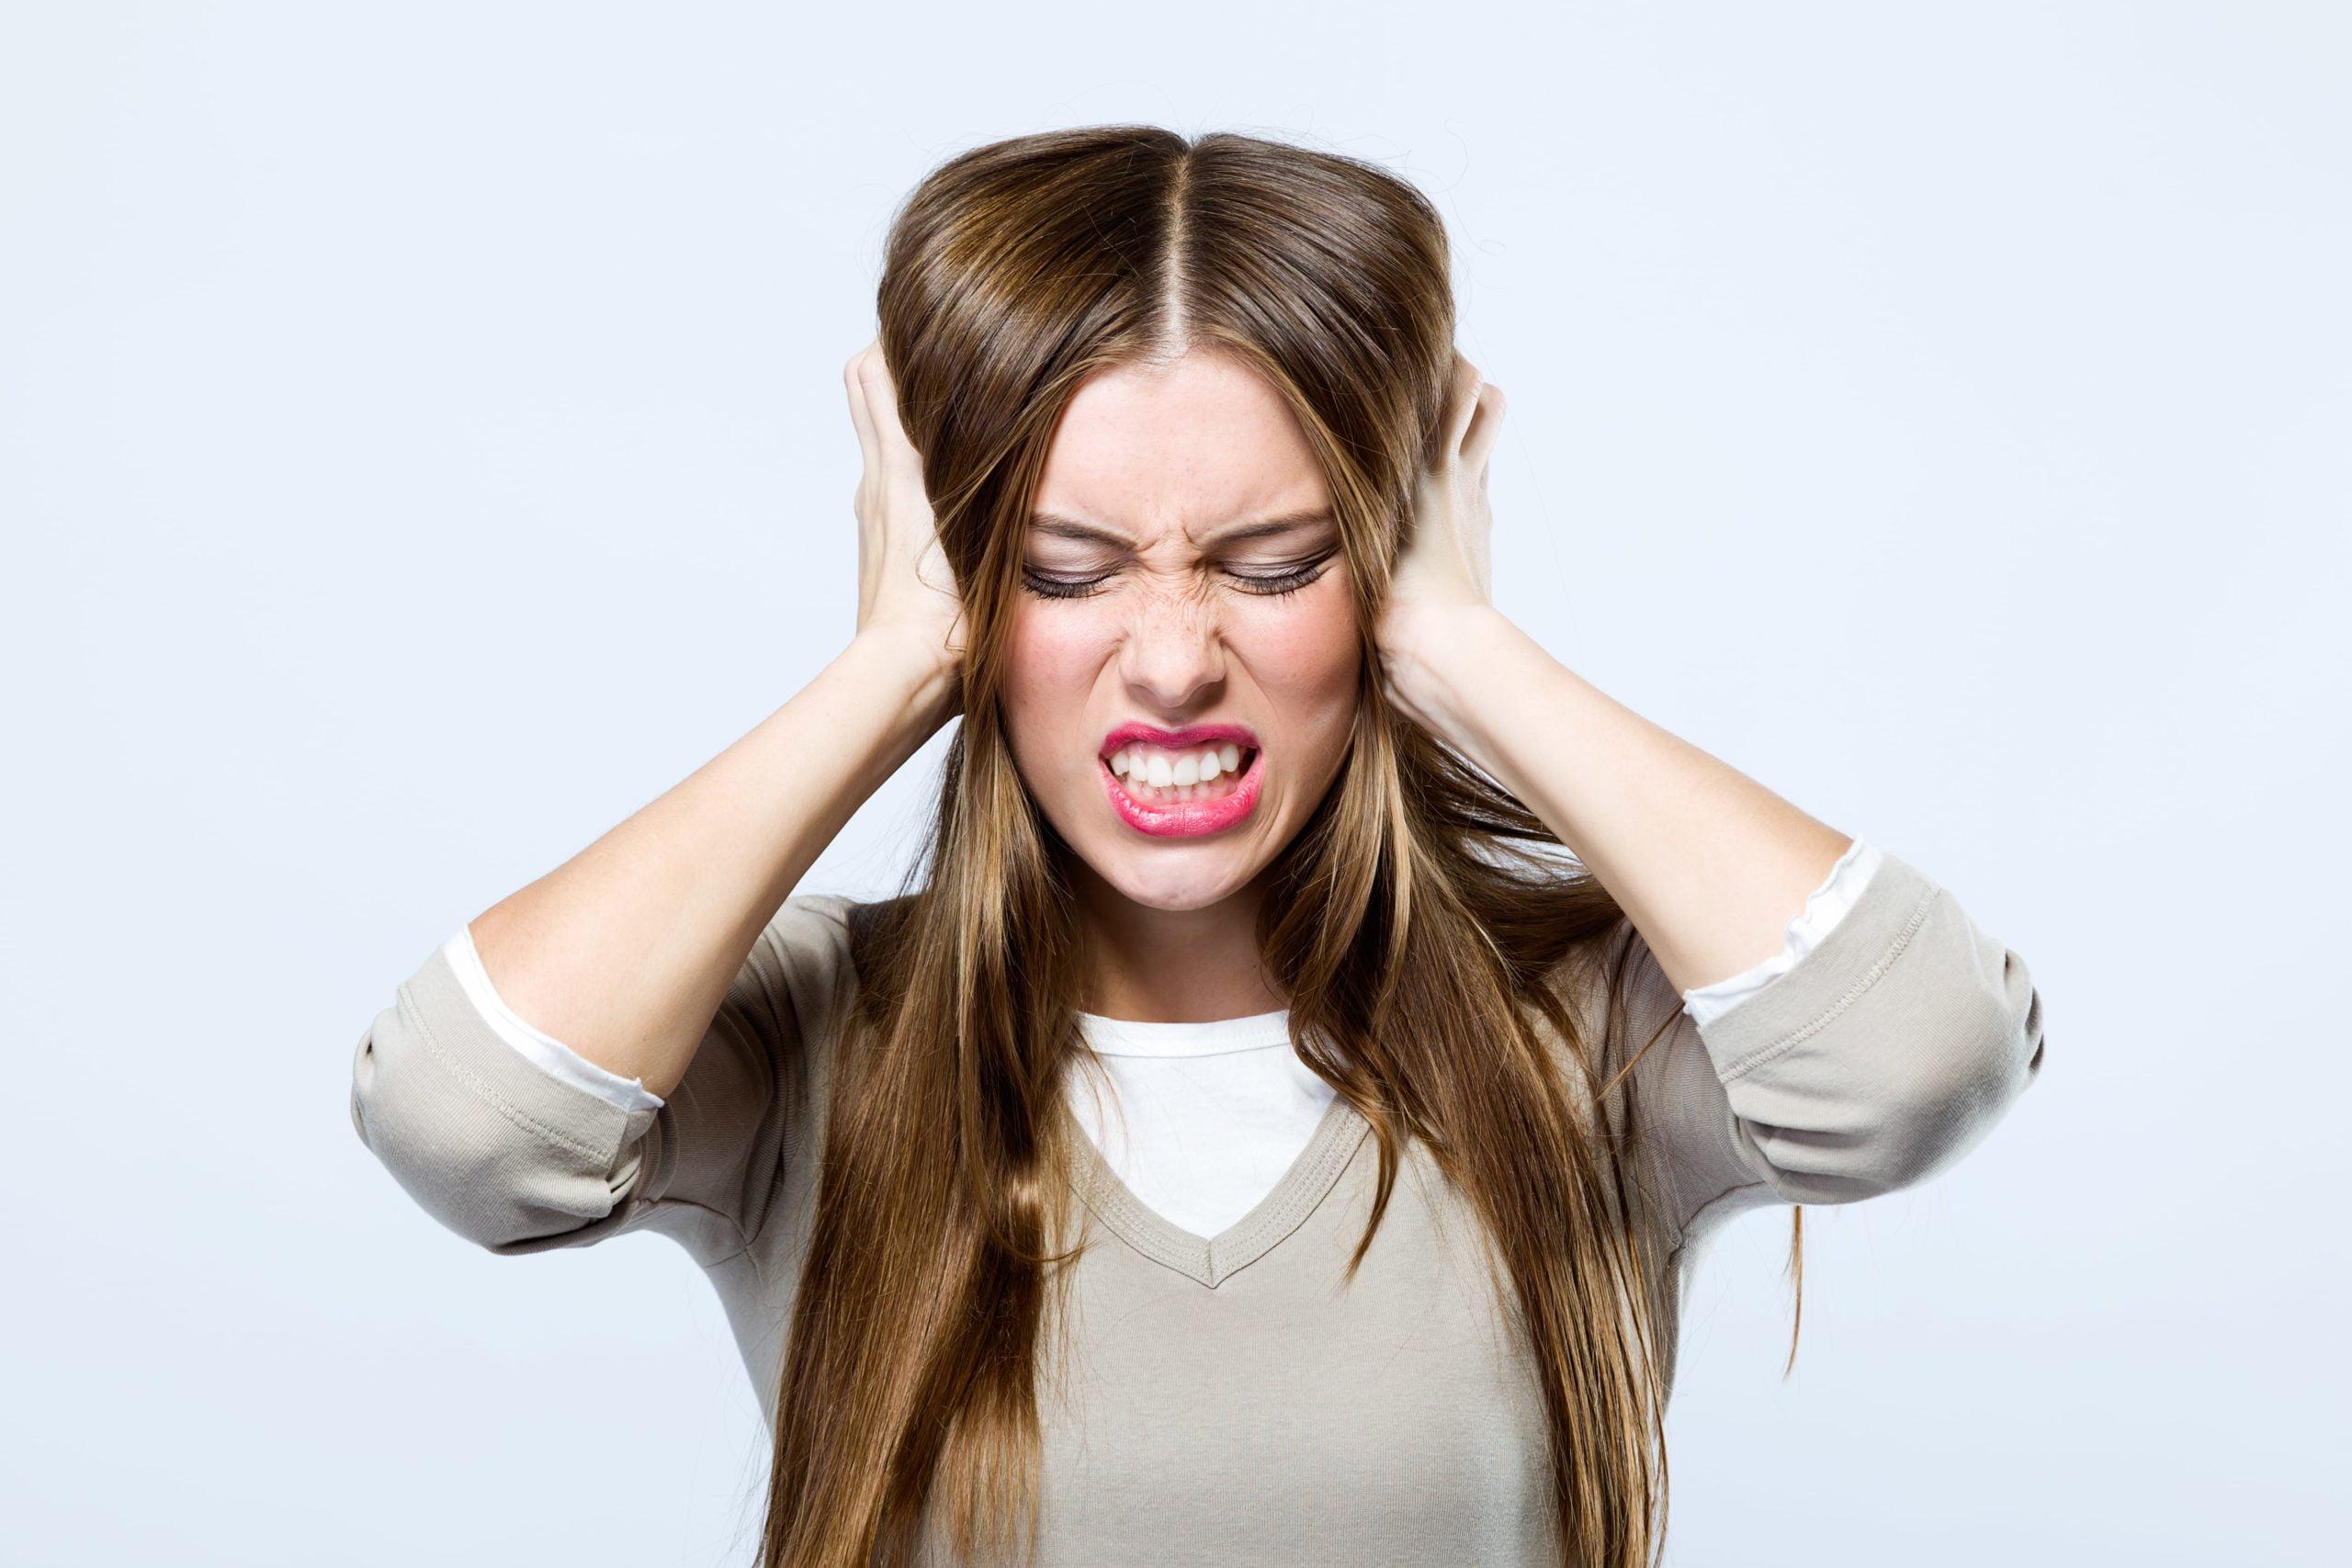 Ruido en el oído: causas, síntomas y tratamiento